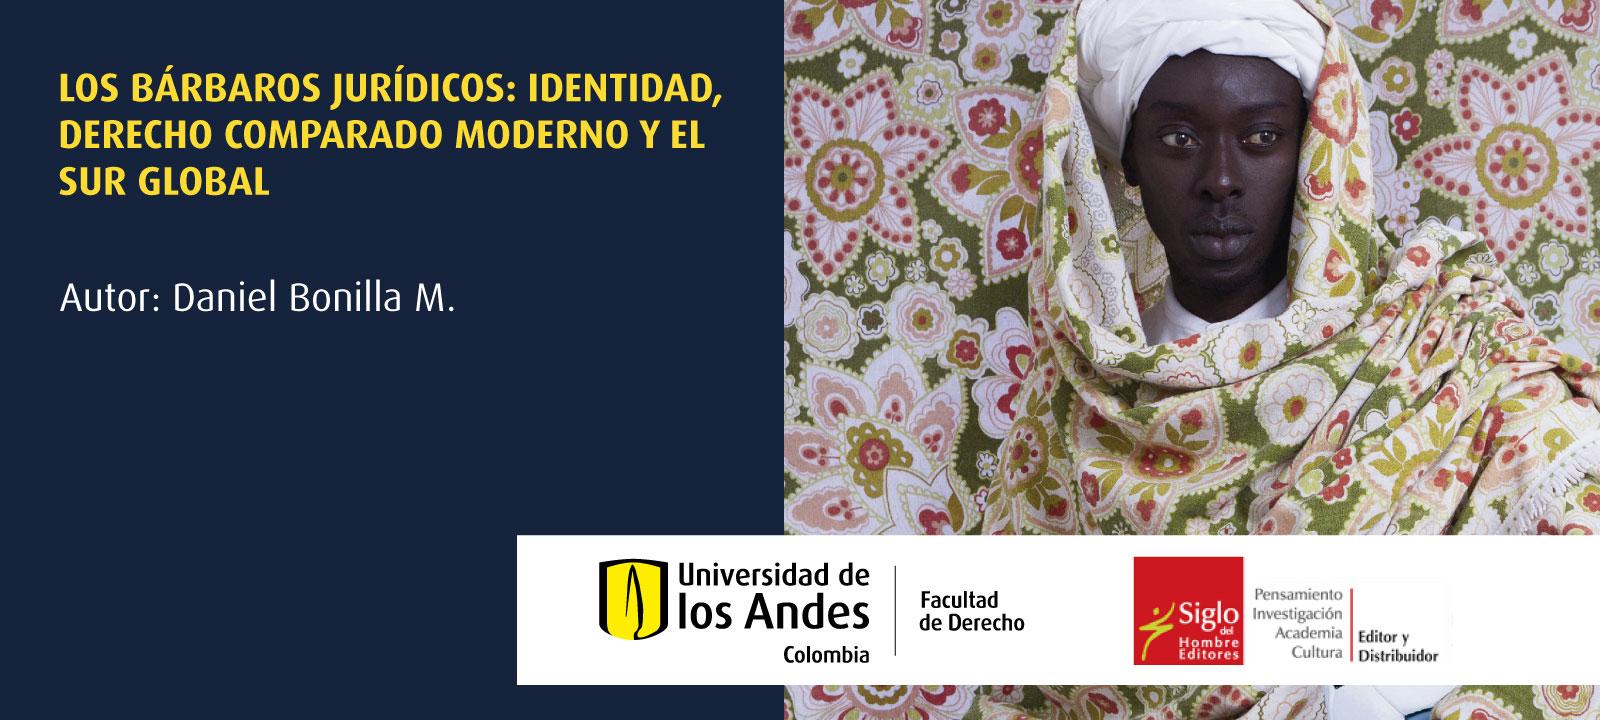 Lanzamiento libro   Los bárbaros jurídicos: identidad, derecho comparado moderno y el Sur Global